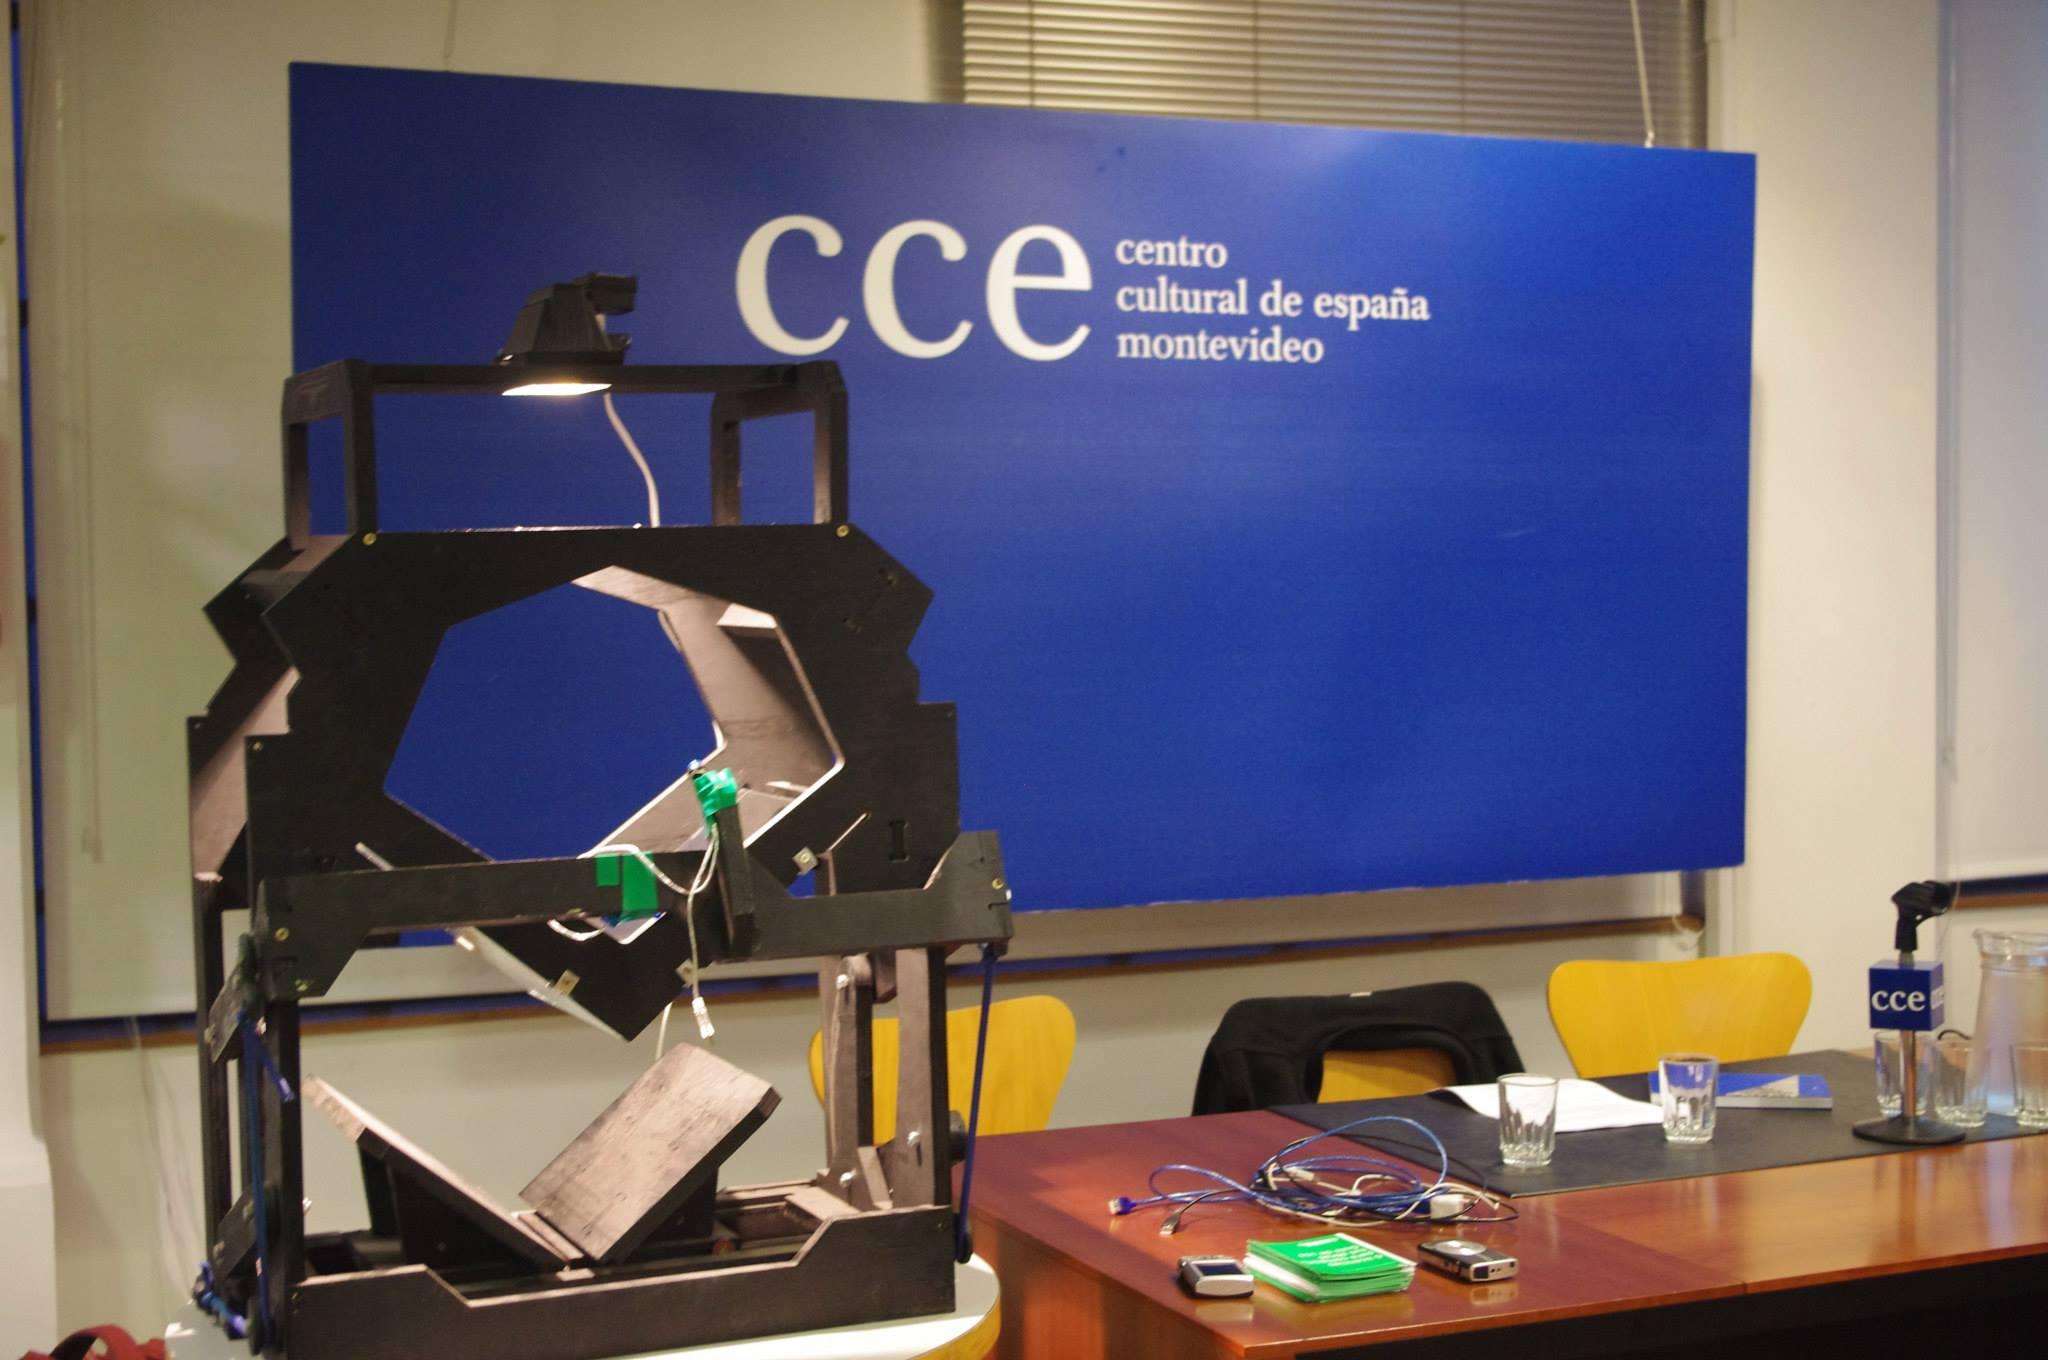 escaner-cce